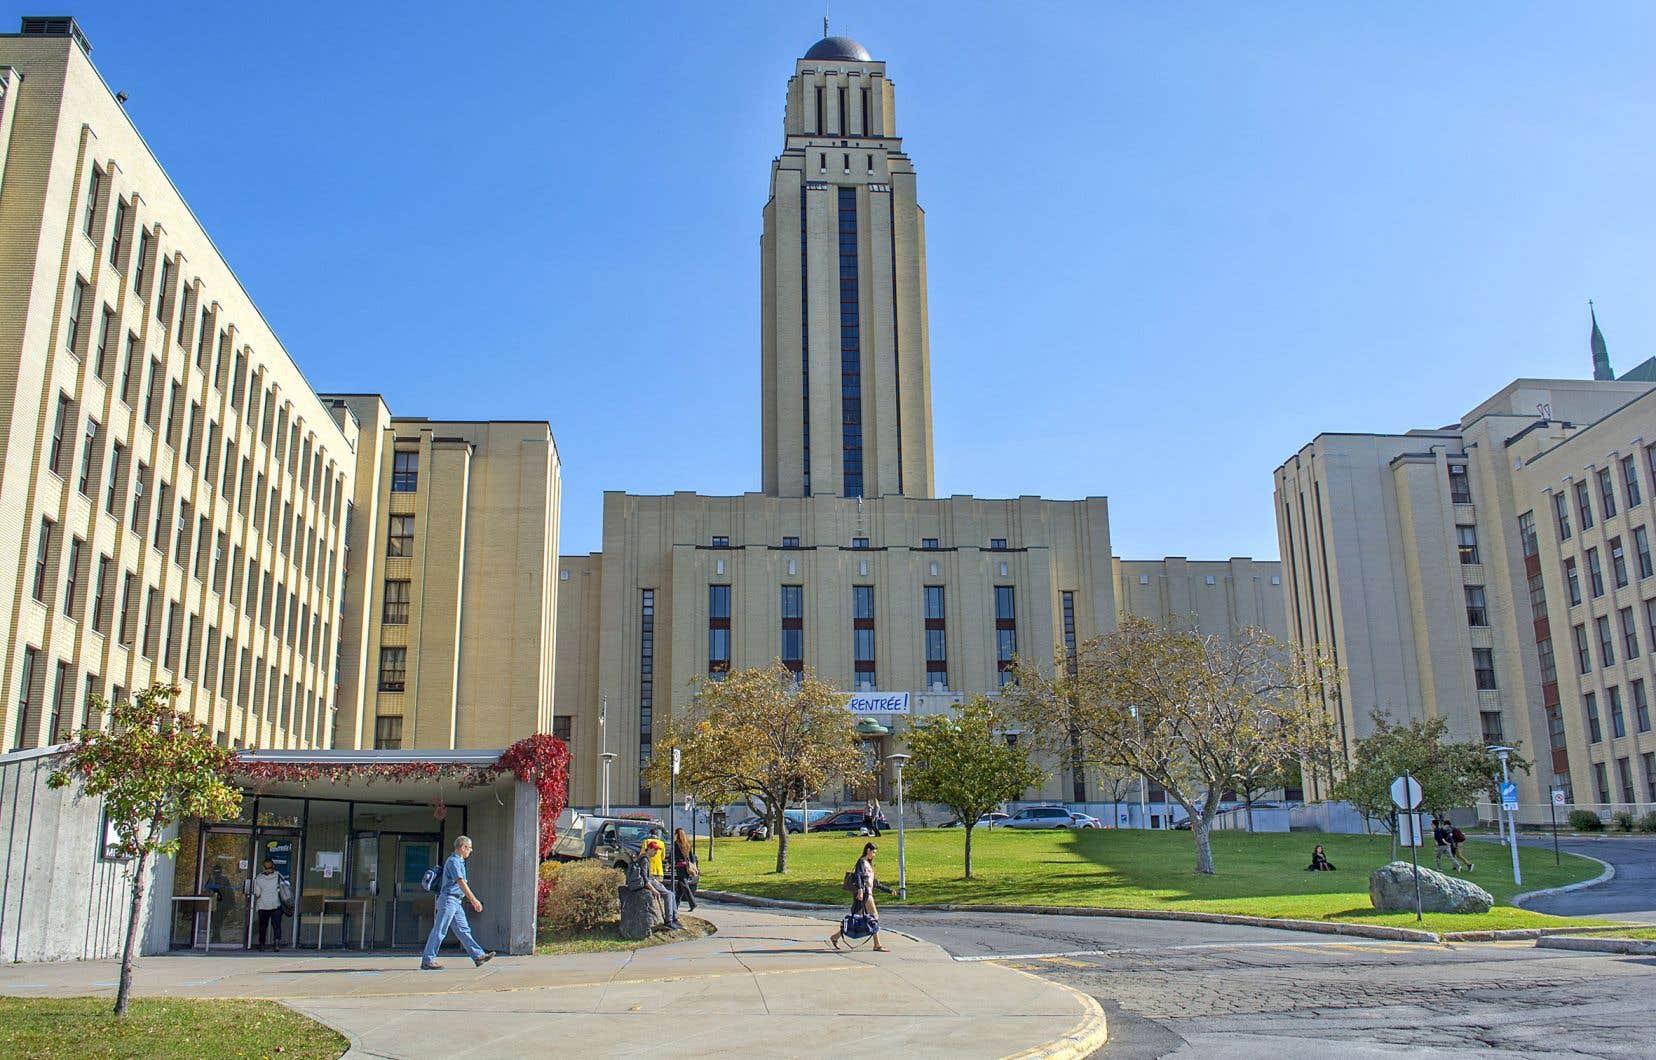 La charte de l'Université de Montréal n'a pas été mise à jour depuis son adoption par l'Assemblée nationale du Québec en 1967.